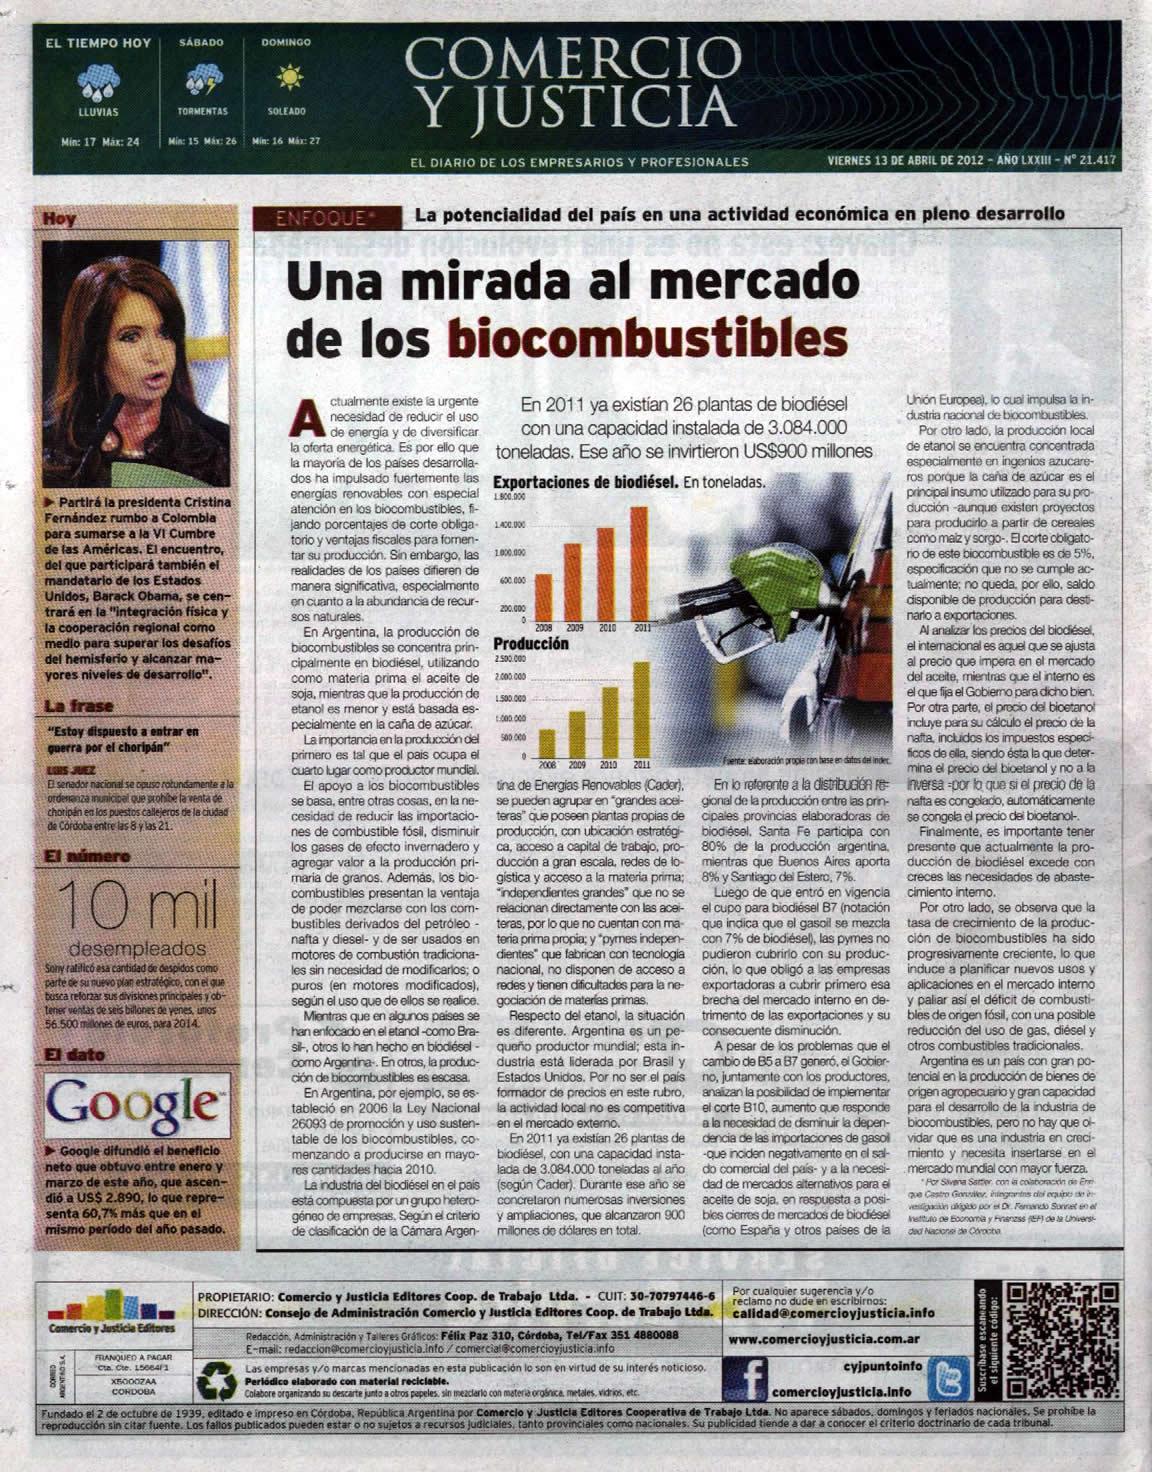 Artículo sobre el mercado de biocombustibles redactado por Silvana Sattler, con la colaboración de Enrique Castro González, integrantes del equipo de investigación dirigido por el Dr. Fernando Sonnet en el IEF.